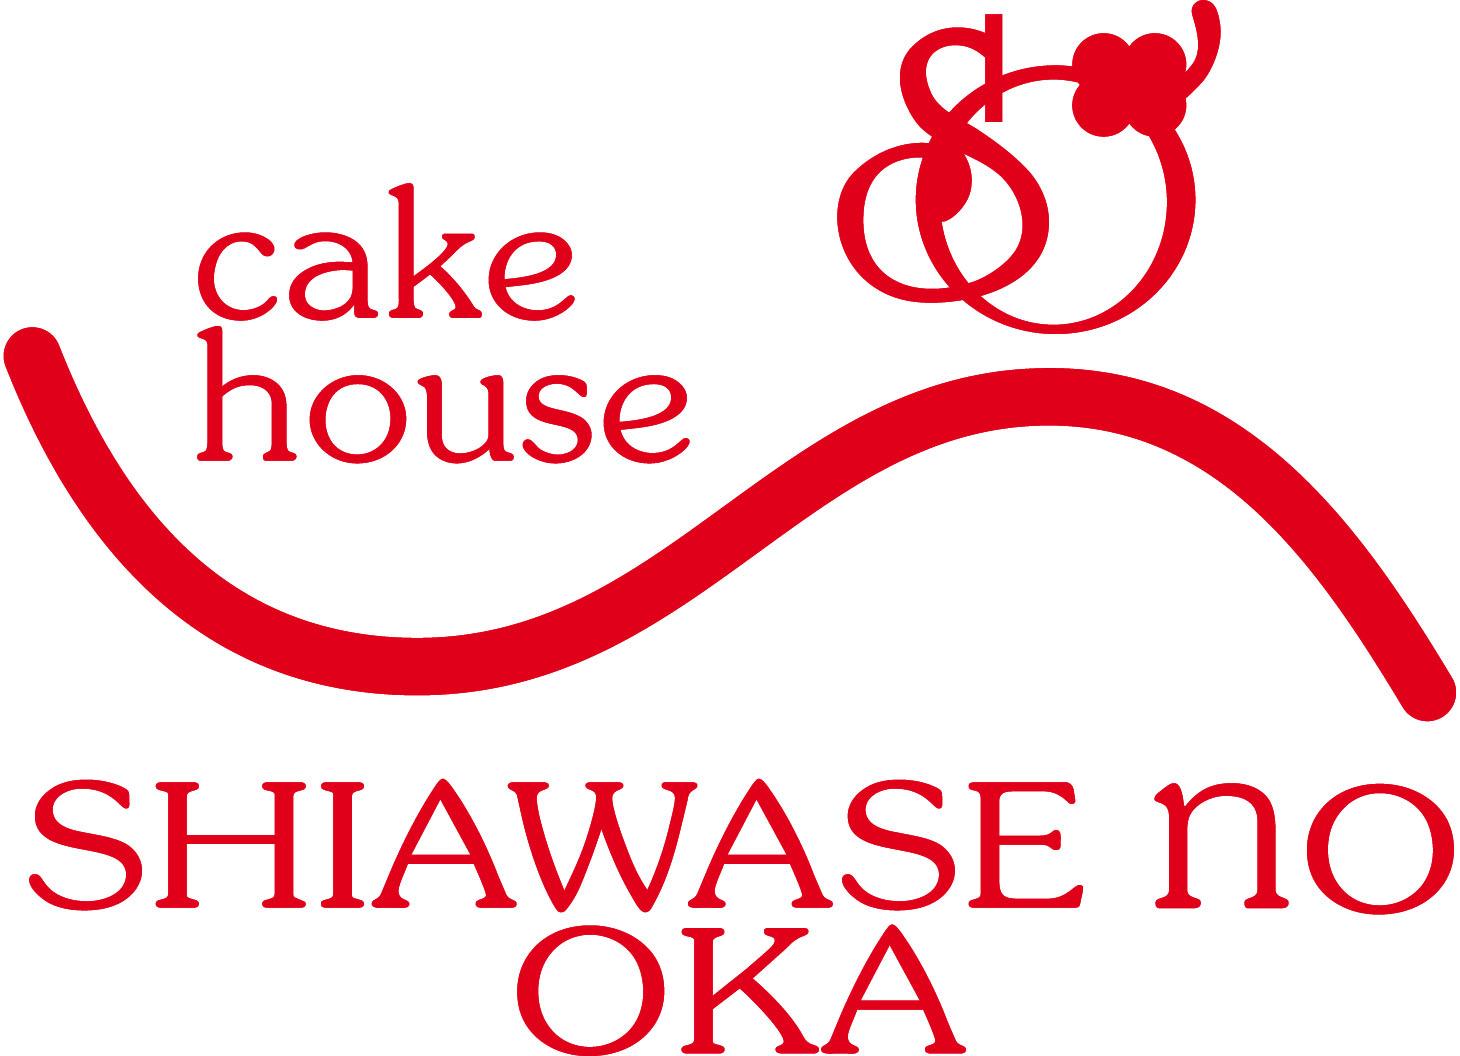 shiawaseno-oka